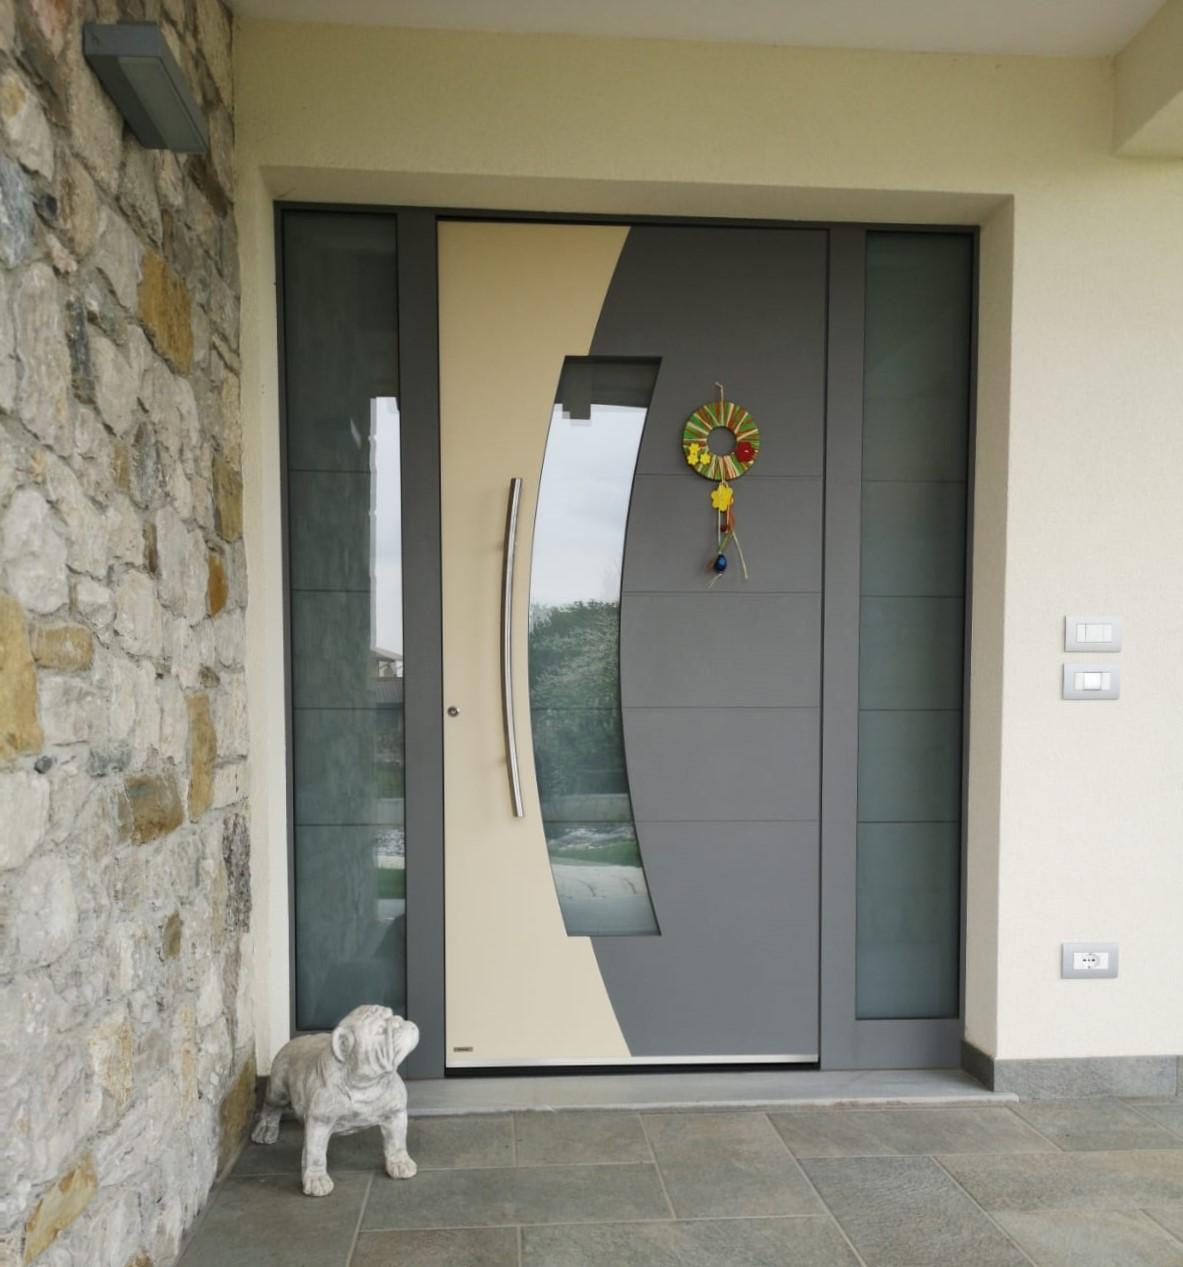 Porta Finestra Ingresso Casa scegliere bene il portoncino d'ingresso. scoprilo con finestra4